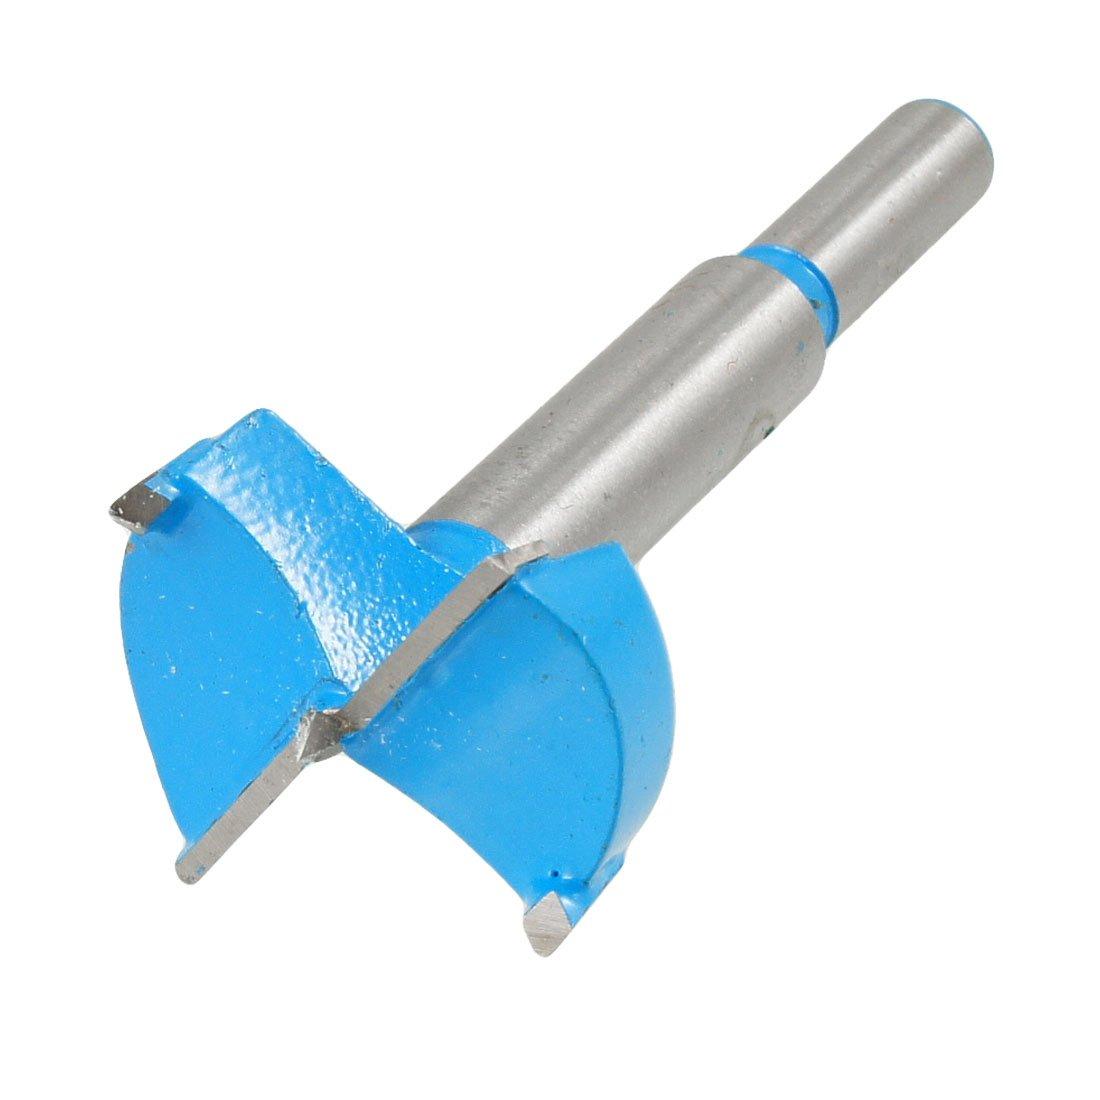 Forstner Astuce Charniè re 35 mm Dia Fraise pour perceuse pour menuiserie Bleu gris Sourcingmap a12091300ux0283